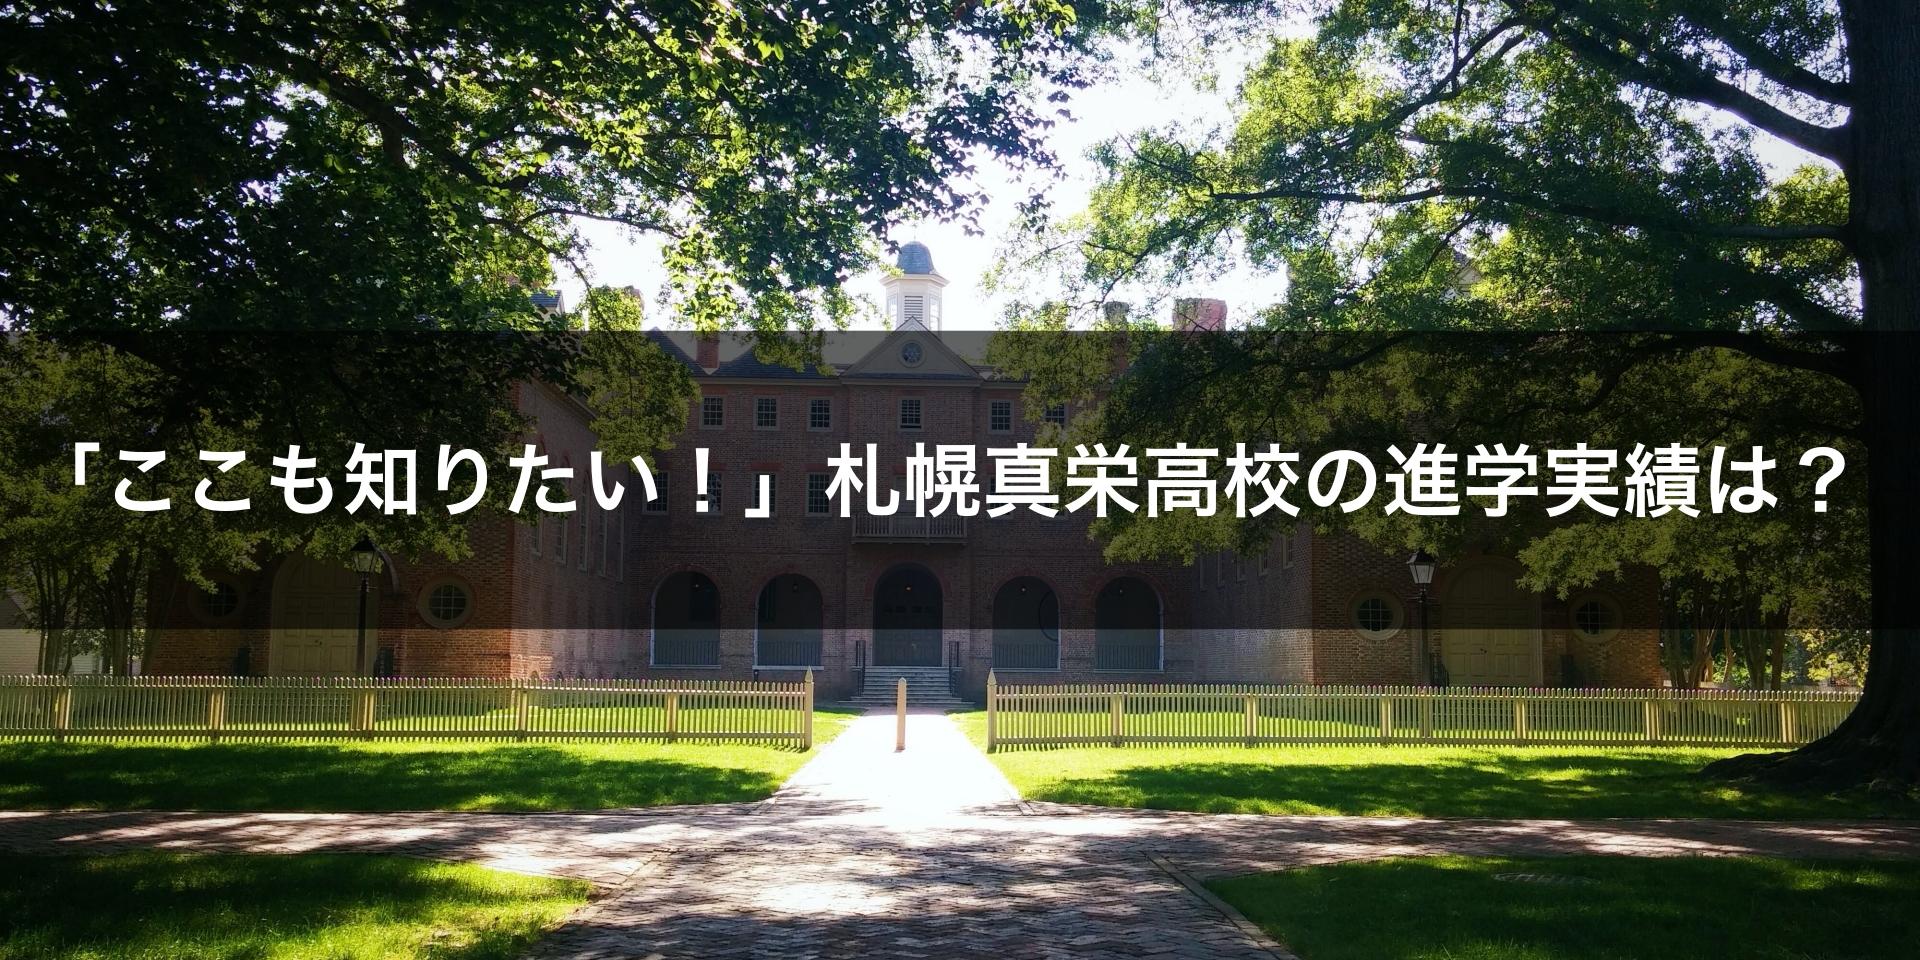 札幌真栄高校の進学実績は?